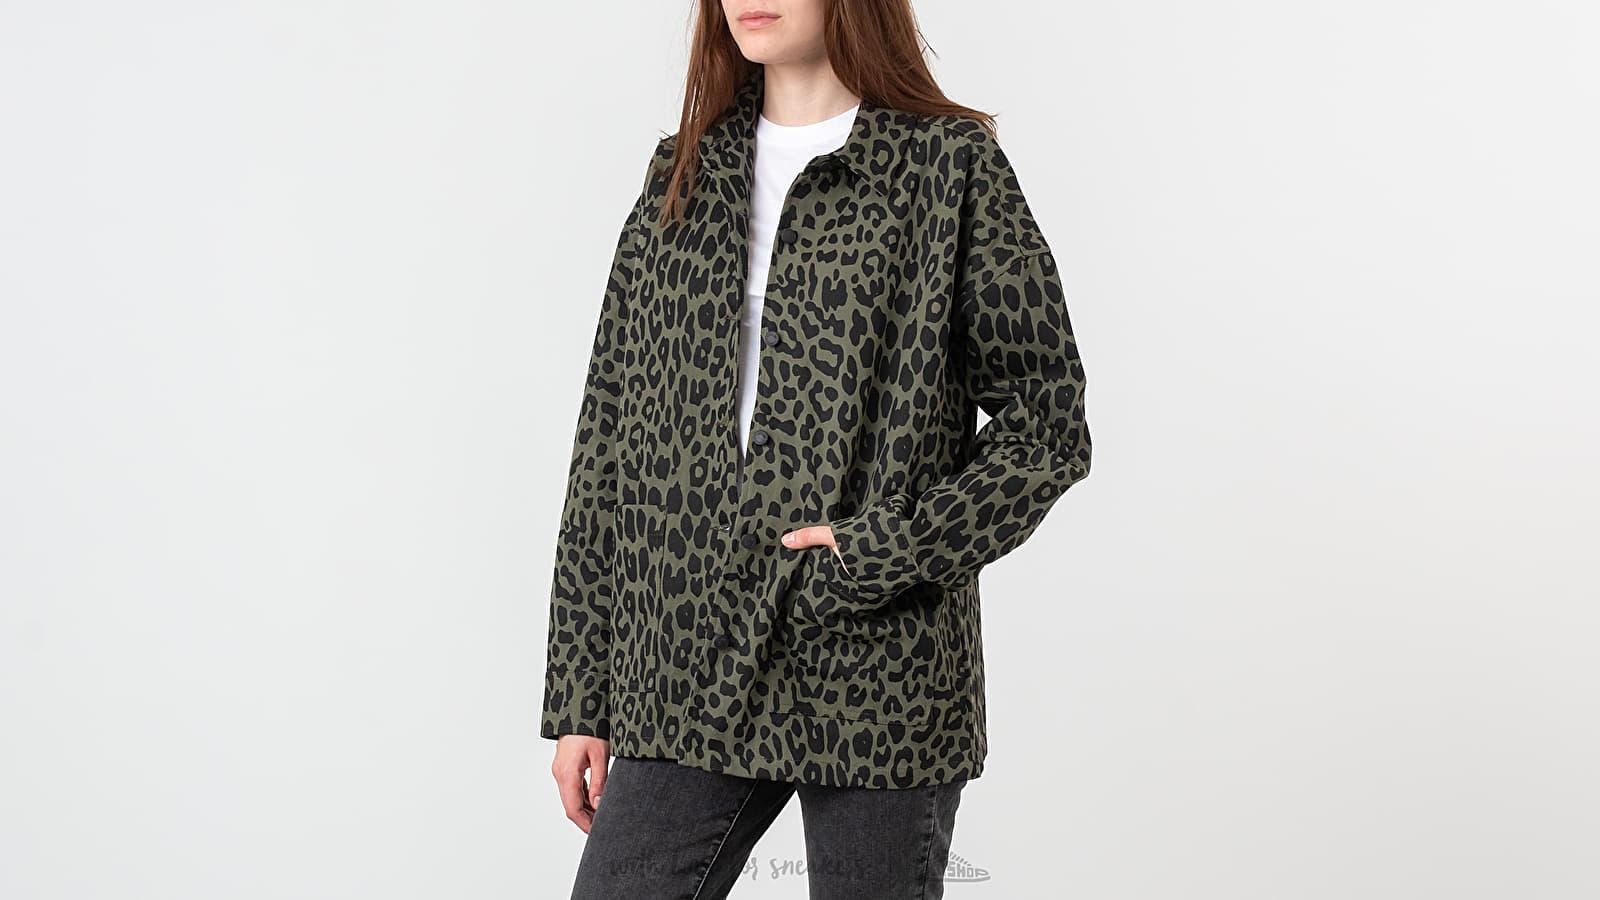 Bundy Lazy Oaf Leopard Chore Jacket Khaki